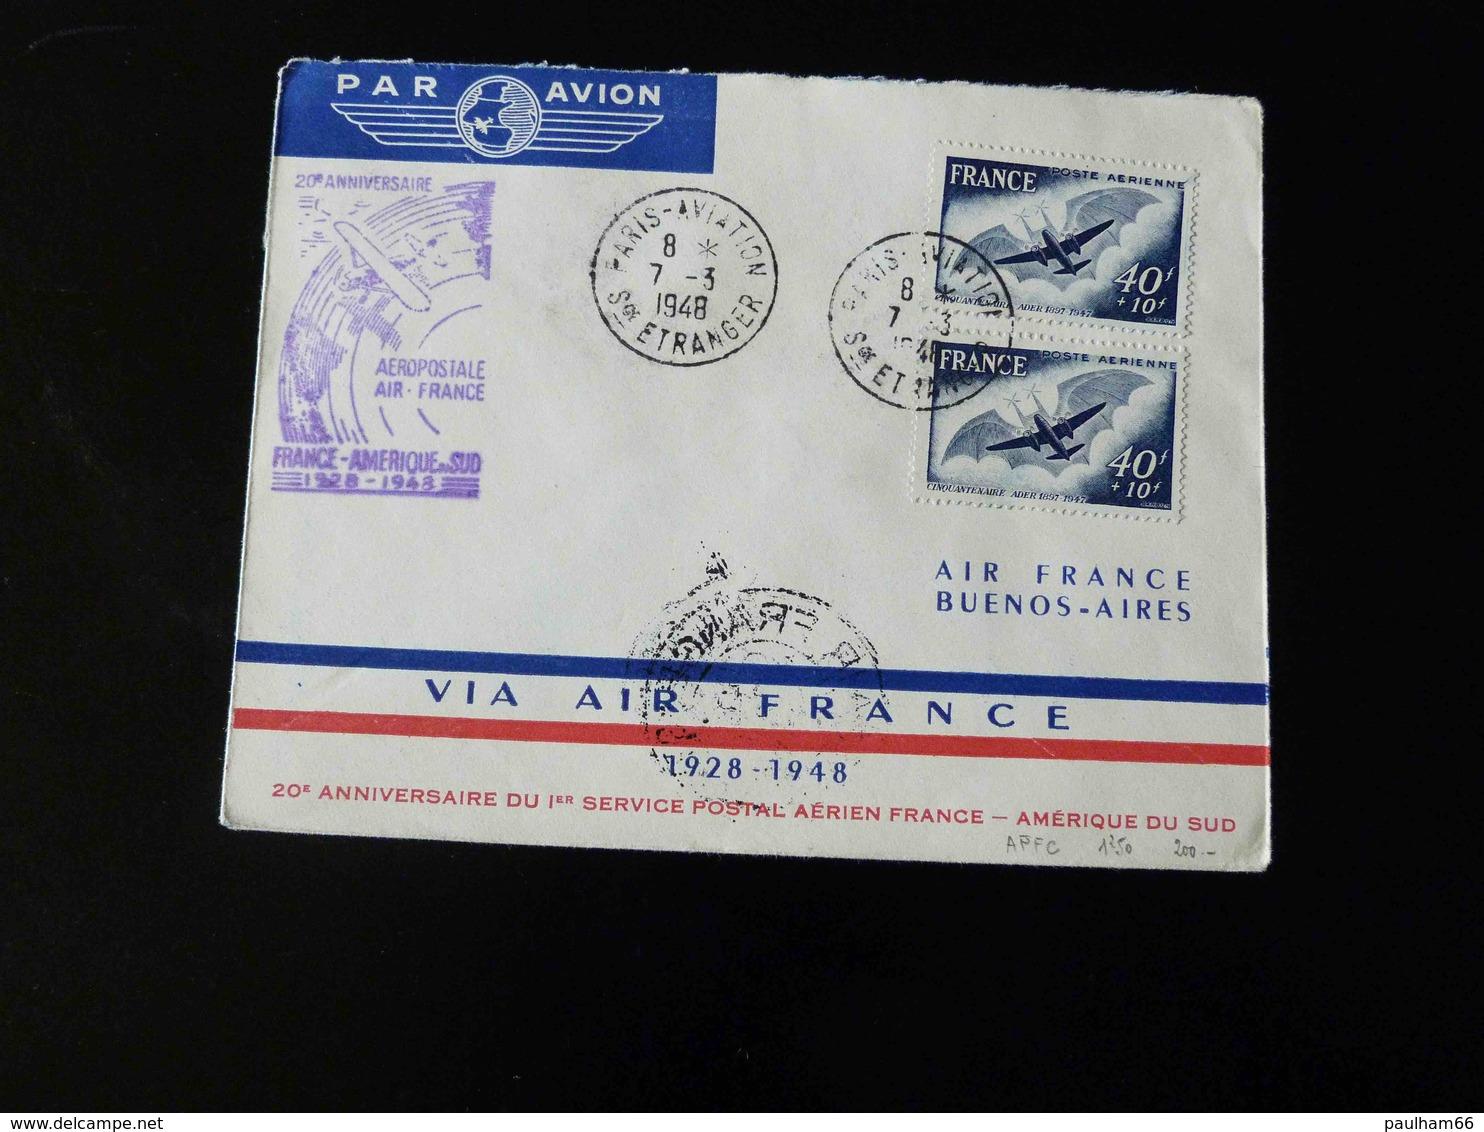 POSTE AERIENNE  - 20 IEME ANNIVERSAIRE DU 1 ER SERVICE POSTAL AERIEN FRANCE AMERIQUE DU SUD - AIR FRANCE BUENOS AIRES - - Postmark Collection (Covers)